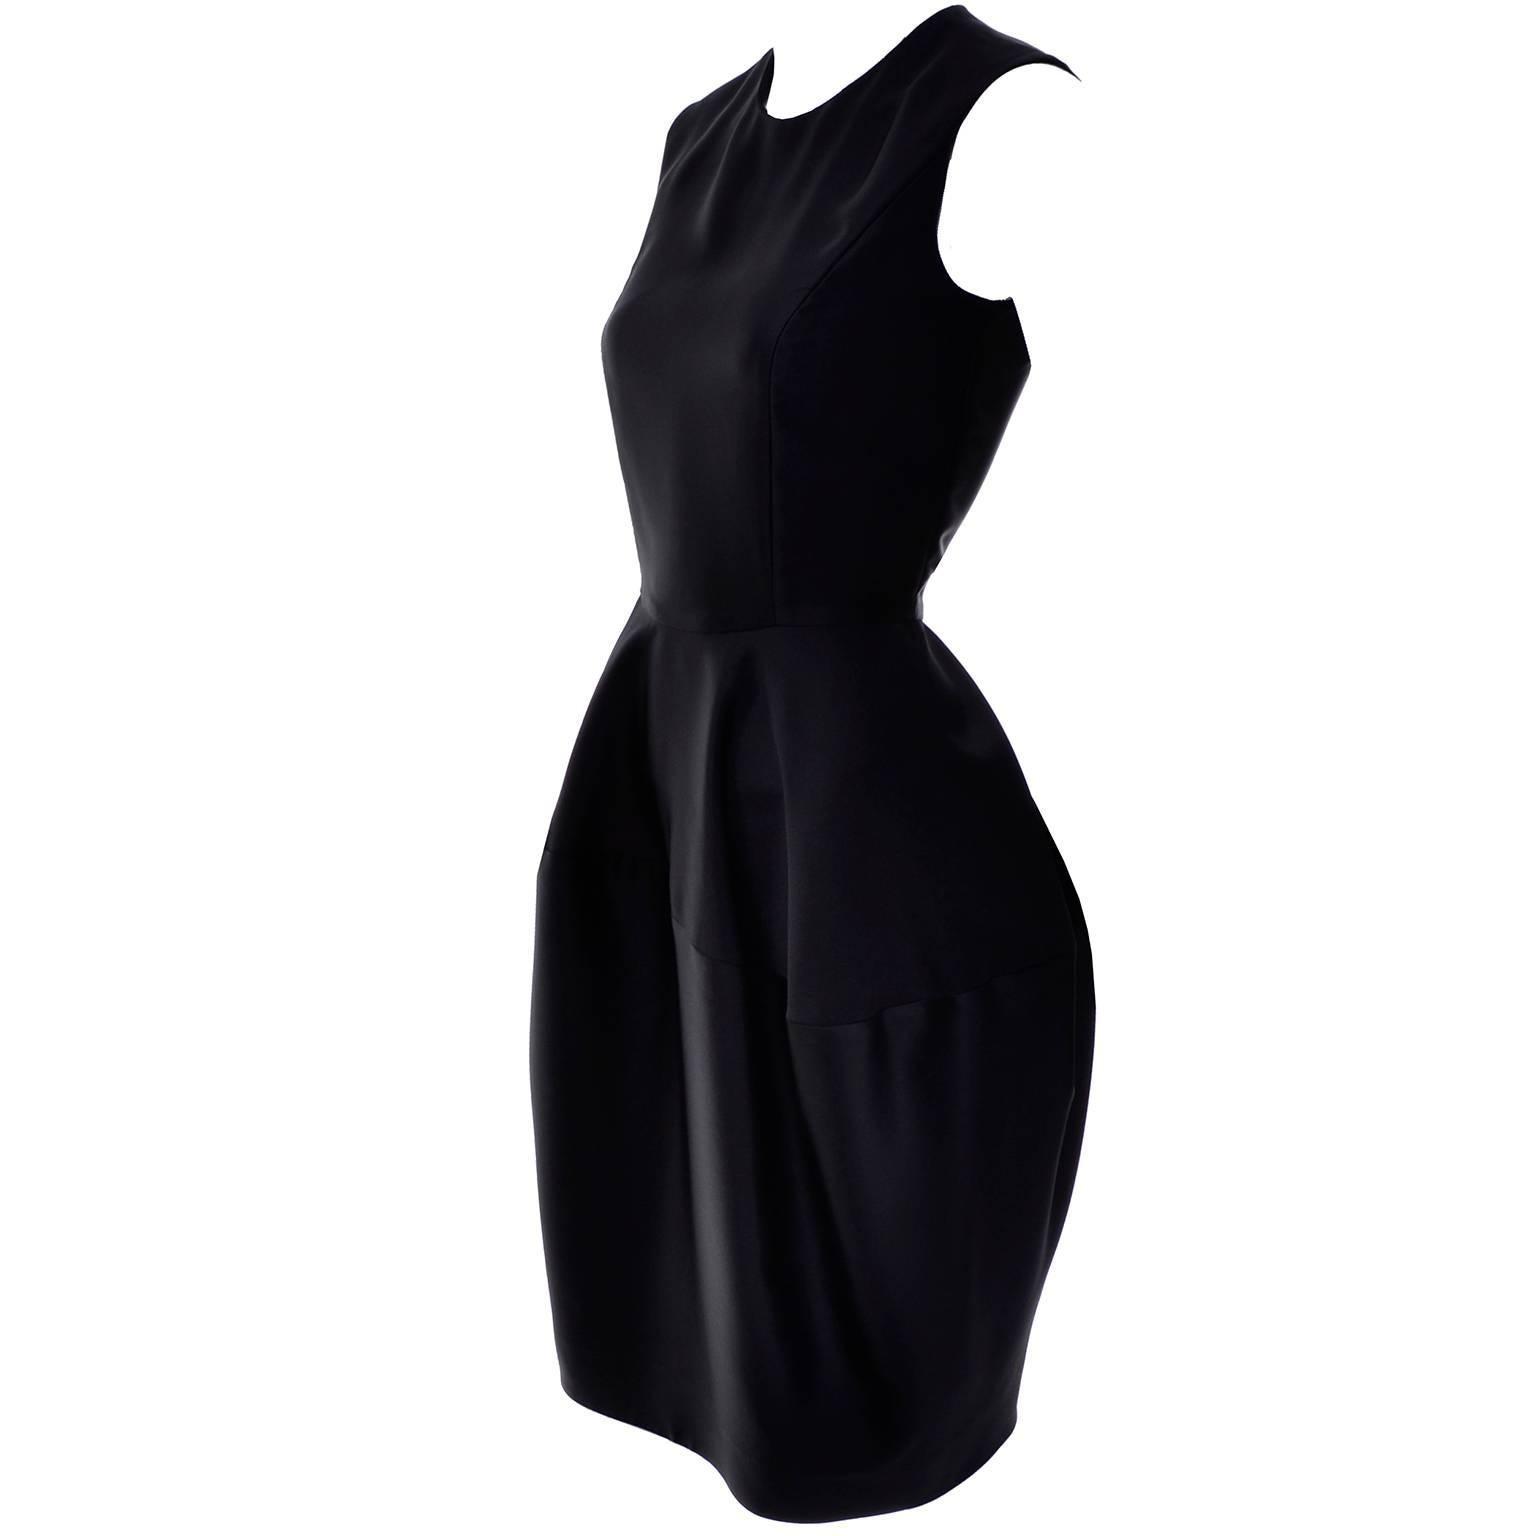 YSL Yves Saint Laurent Autumn Winter 2008 Documented Little Black Dress 2/4